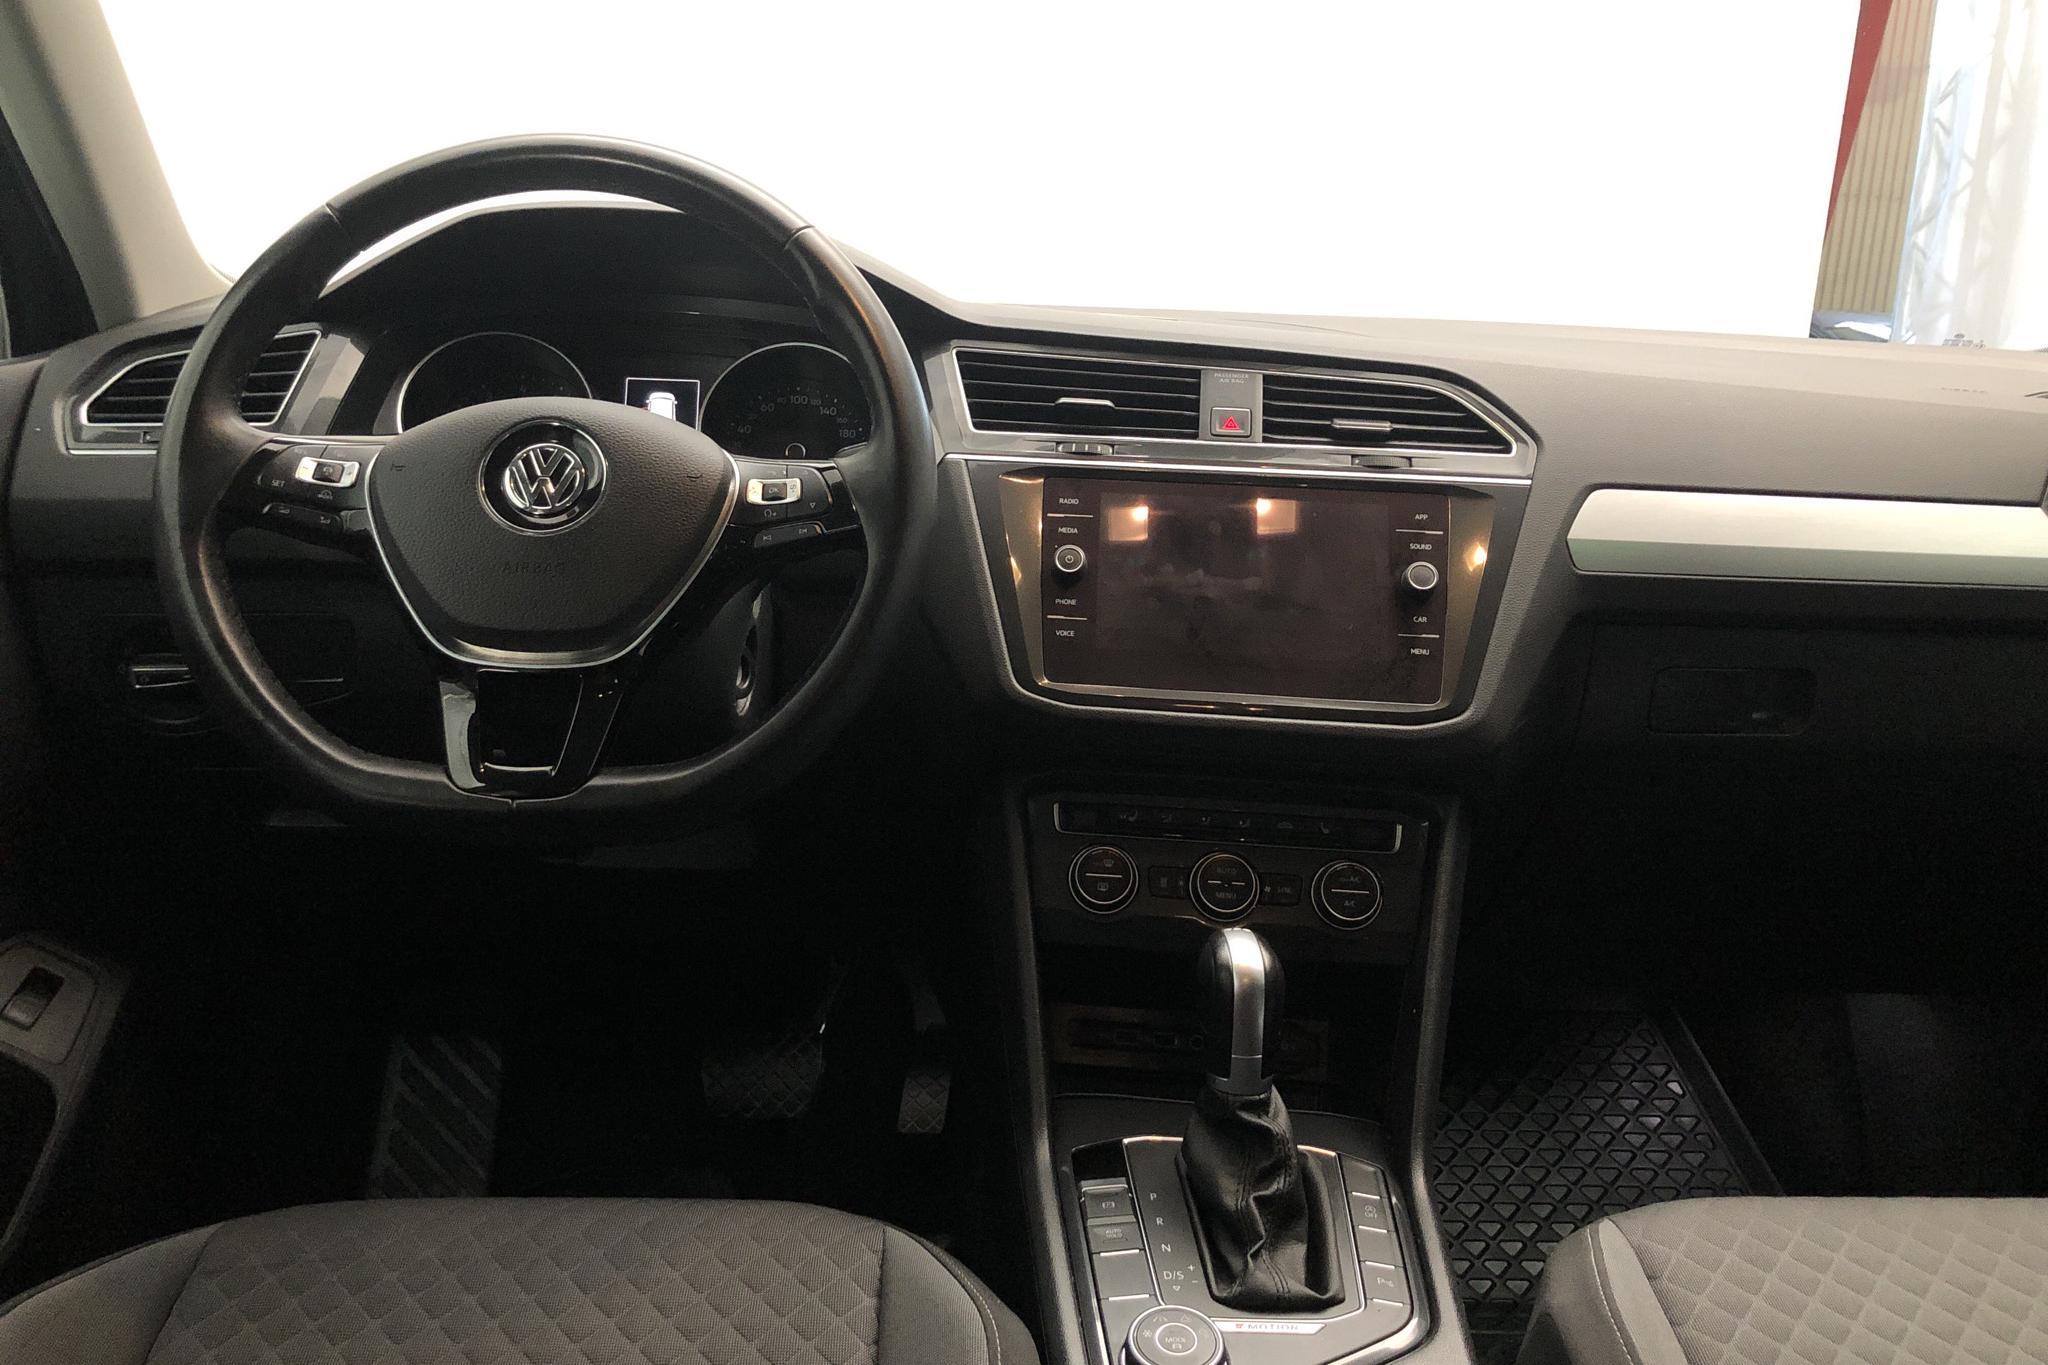 VW Tiguan 1.4 TSI 4MOTION (150hk) - 7 413 mil - Automat - silver - 2018